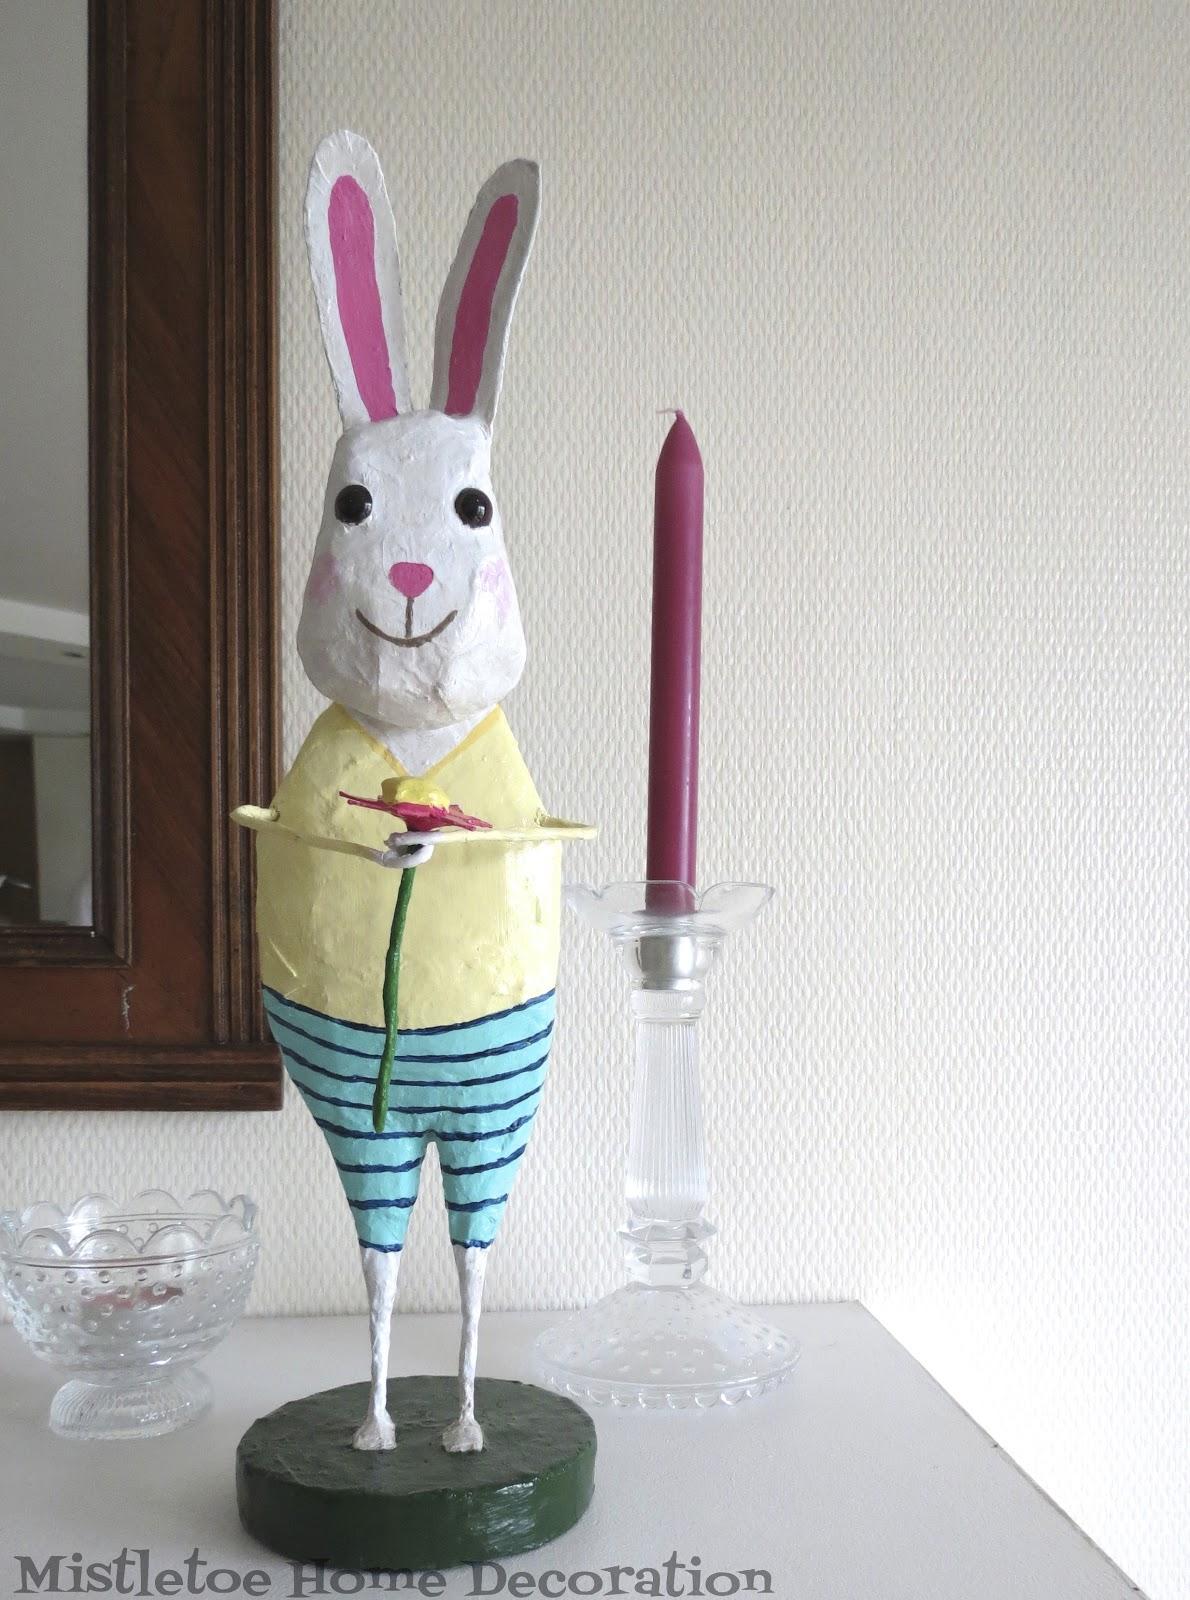 Mistletoe Home Designs: Papier mâché Easter bunny figurine